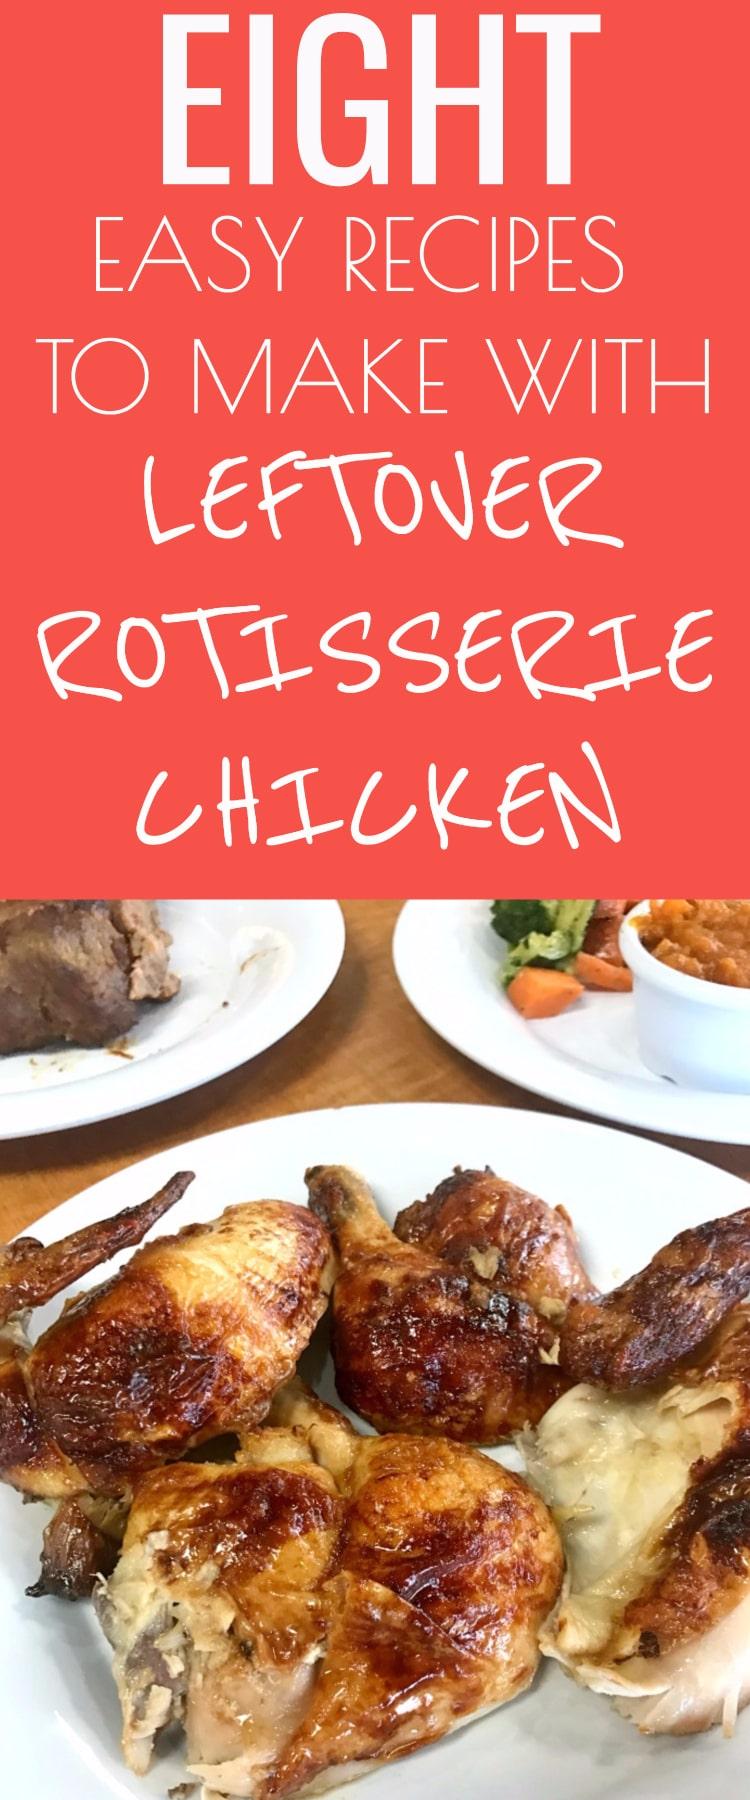 Leftover Rotisserie Chicken Recipes / Rotisserie Chicken / Leftover Rotisserie Chicken / #chicken #homemade #dinner #food #easyrecipes via @clarkscondensed